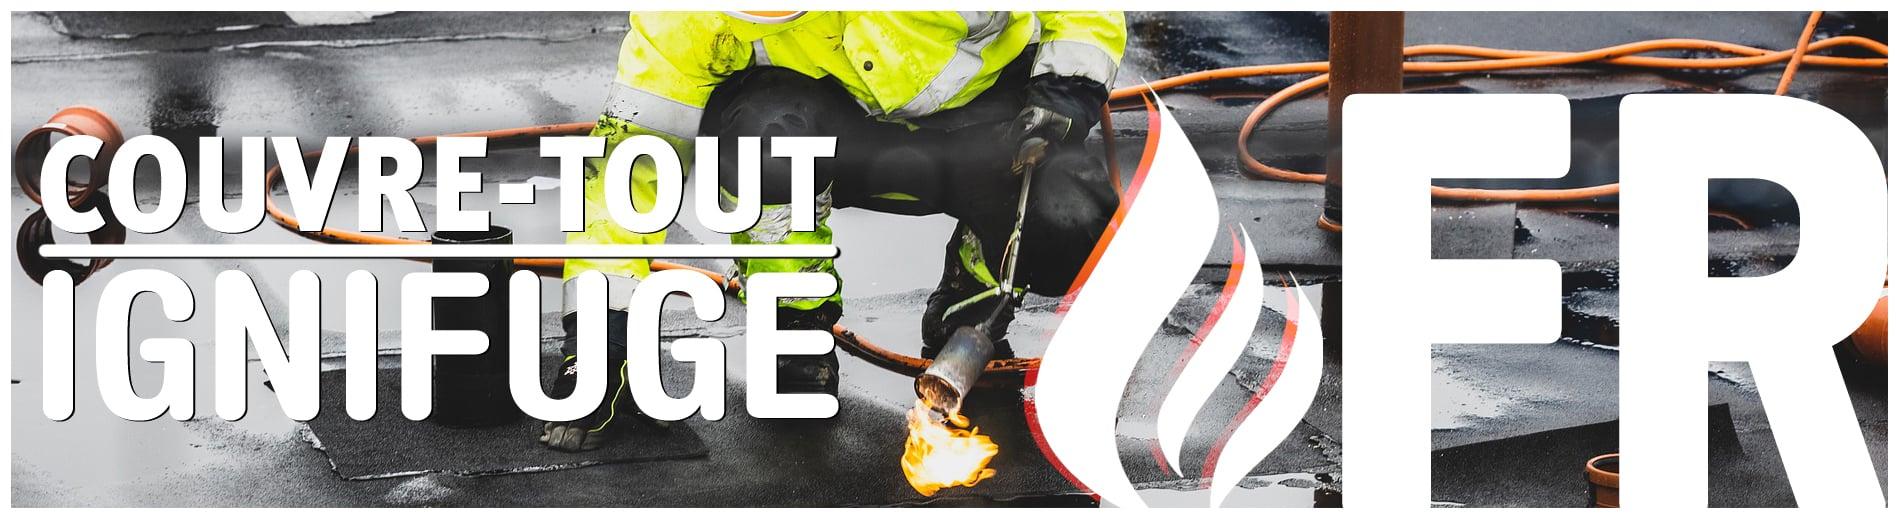 Banner IGNIFUGE | FIRE RESISTANCE (FR)